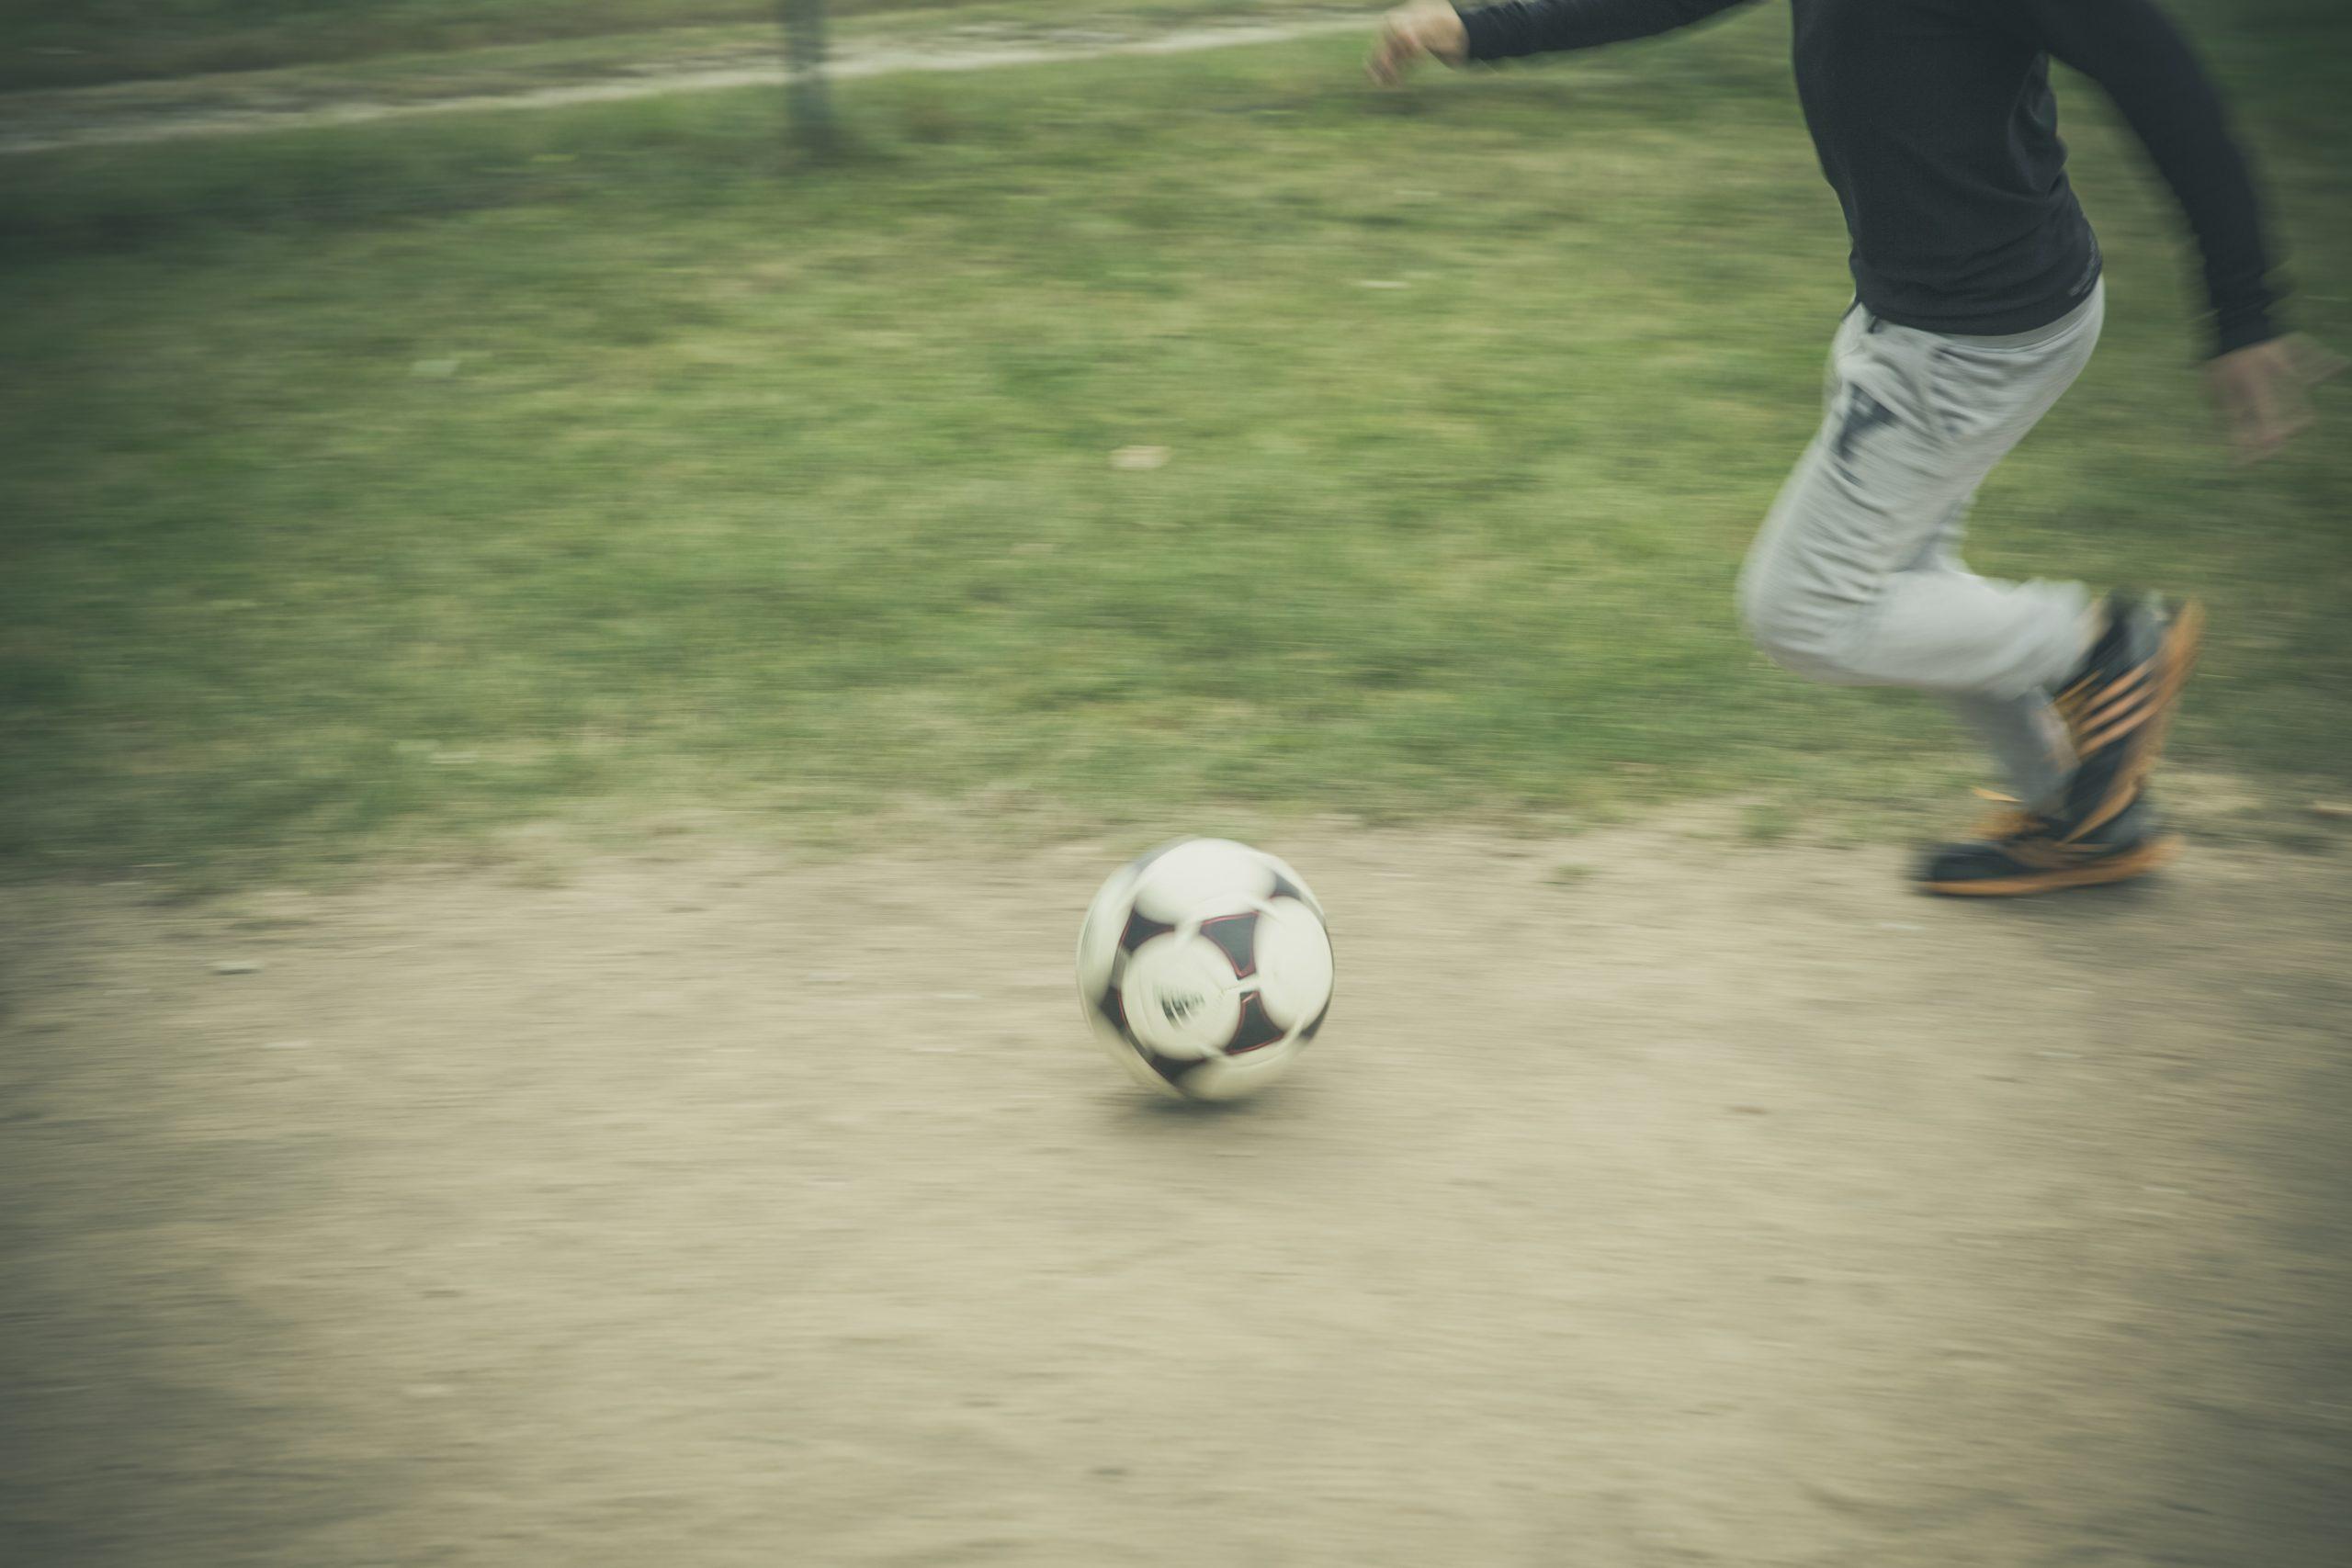 Gerade wo Kinder spielen kann es schnell zum Schadensfall kommen.